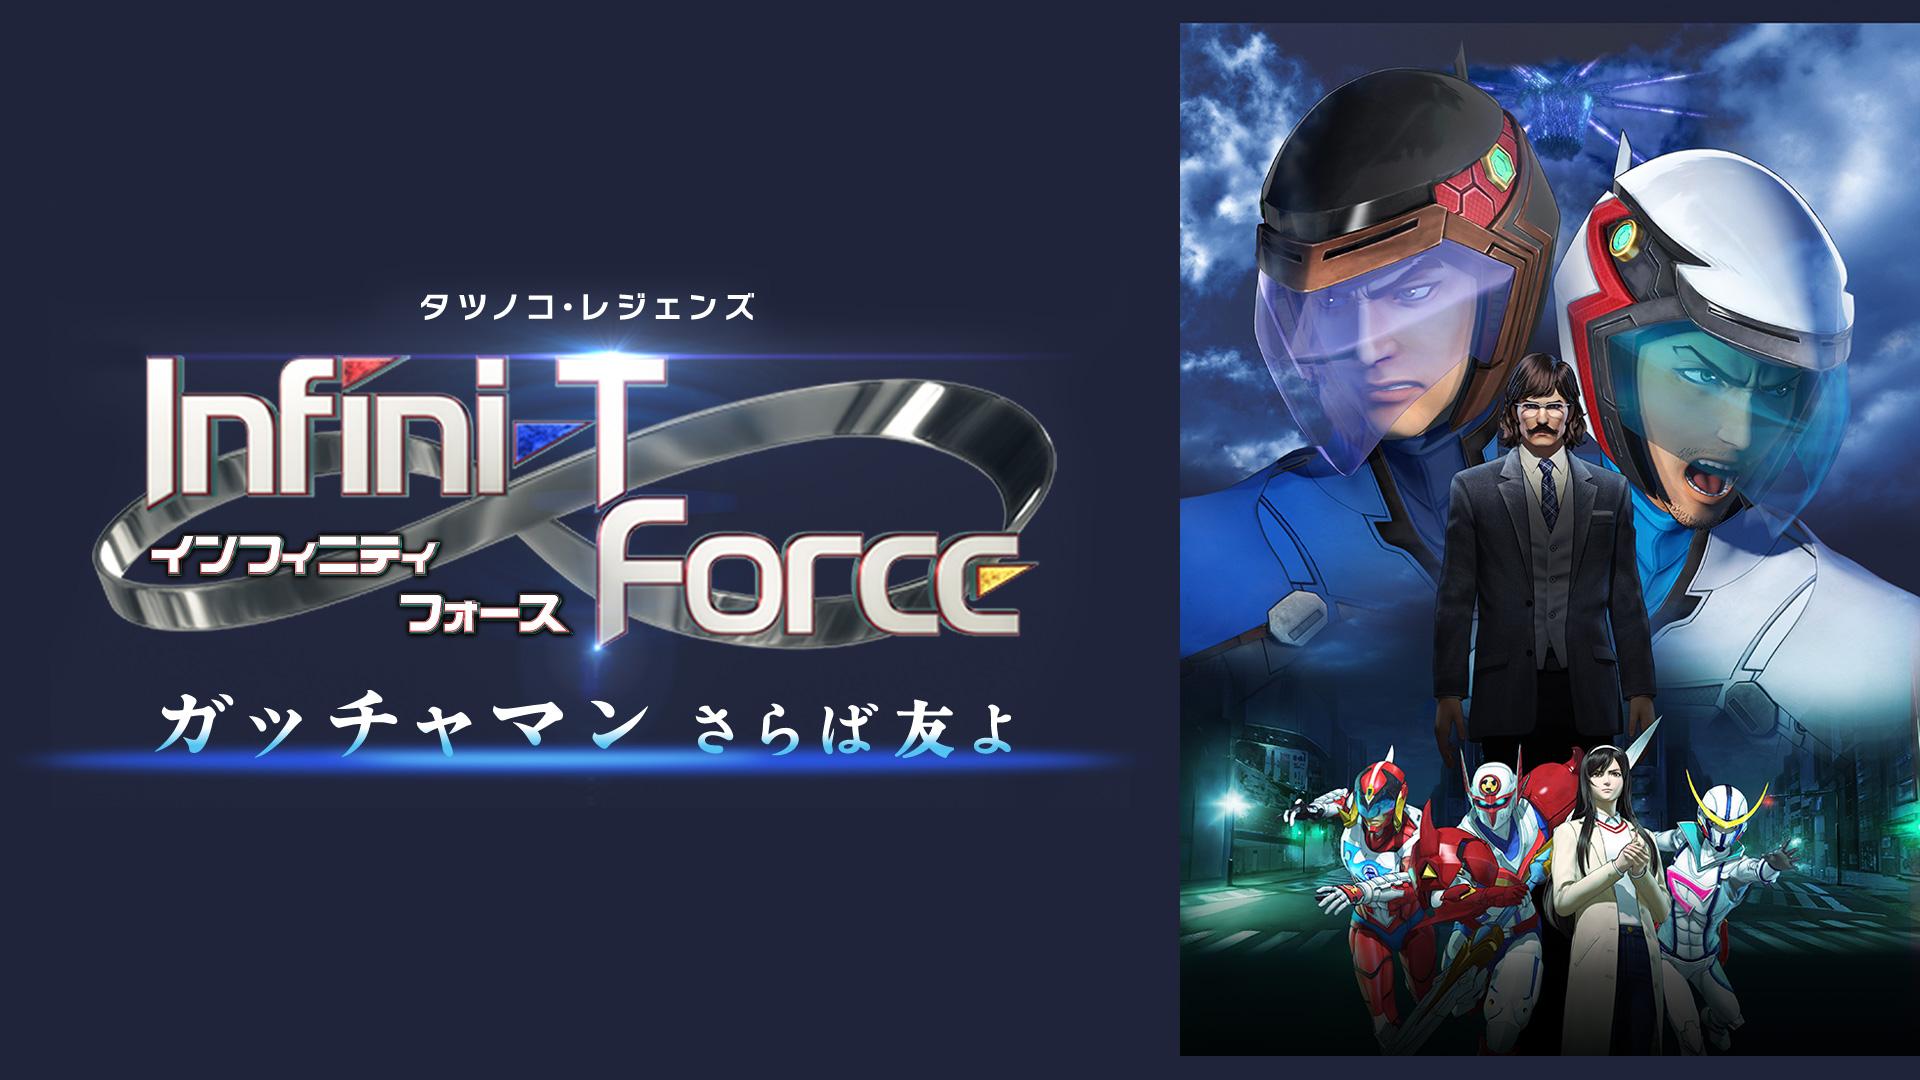 【映画】劇場版 Infini-T Force/ガッチャマン さらば友よの無料動画をフルで視聴する方法!パンドラやDailymotionでは見れない?スマホや大画面テレビで見る方法も!